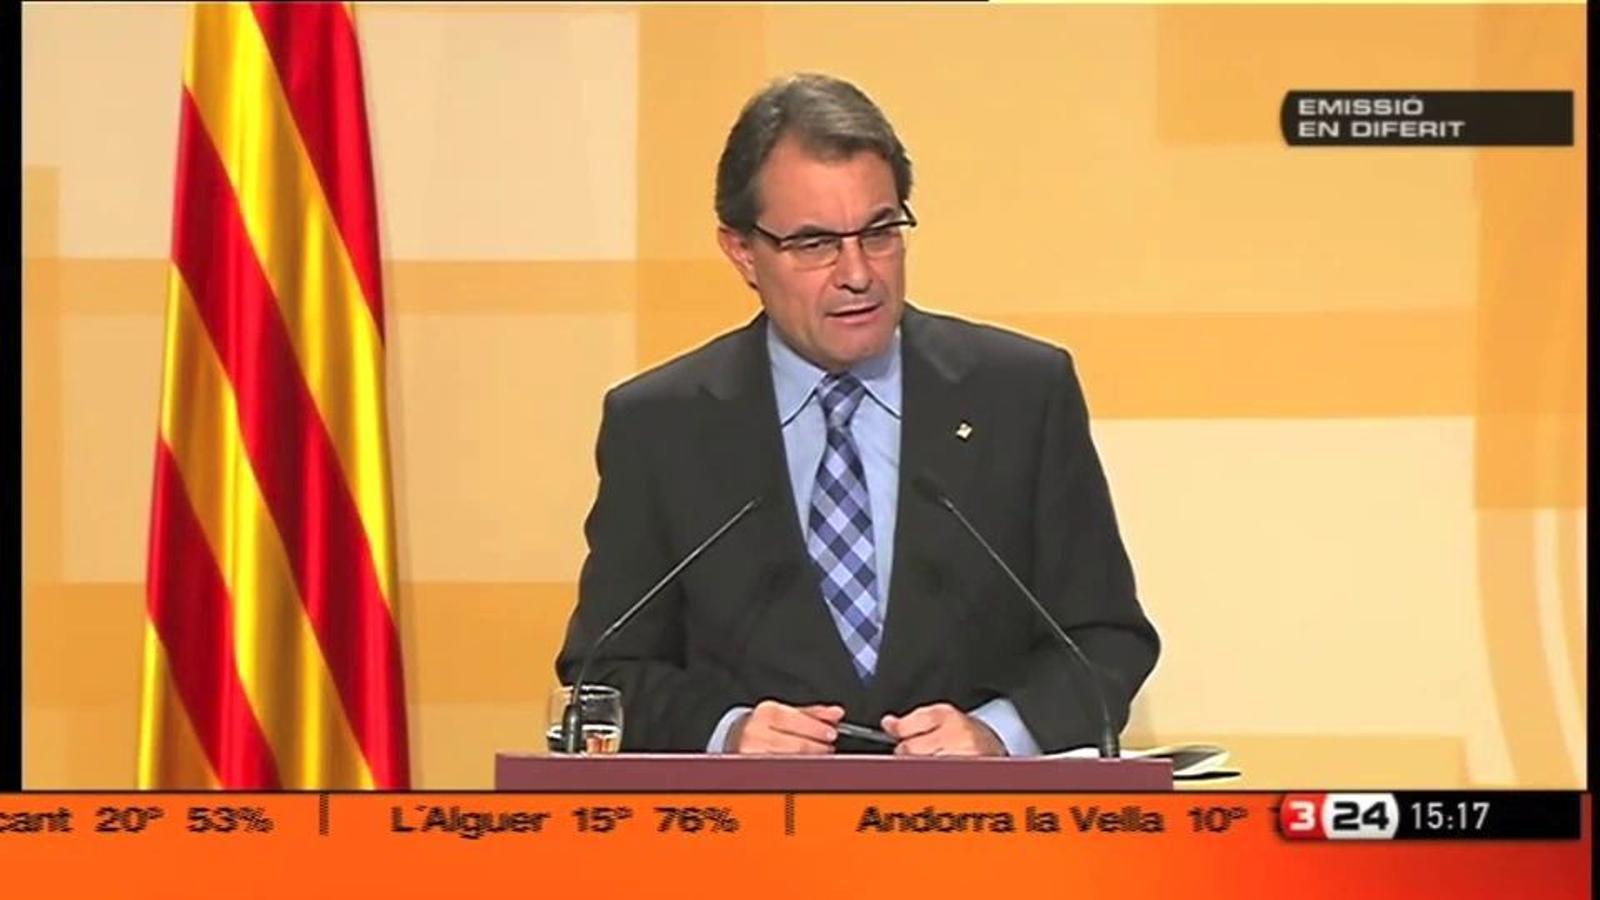 Artur Mas anuncia una altra retallada en el sou dels empleats públics el 2012